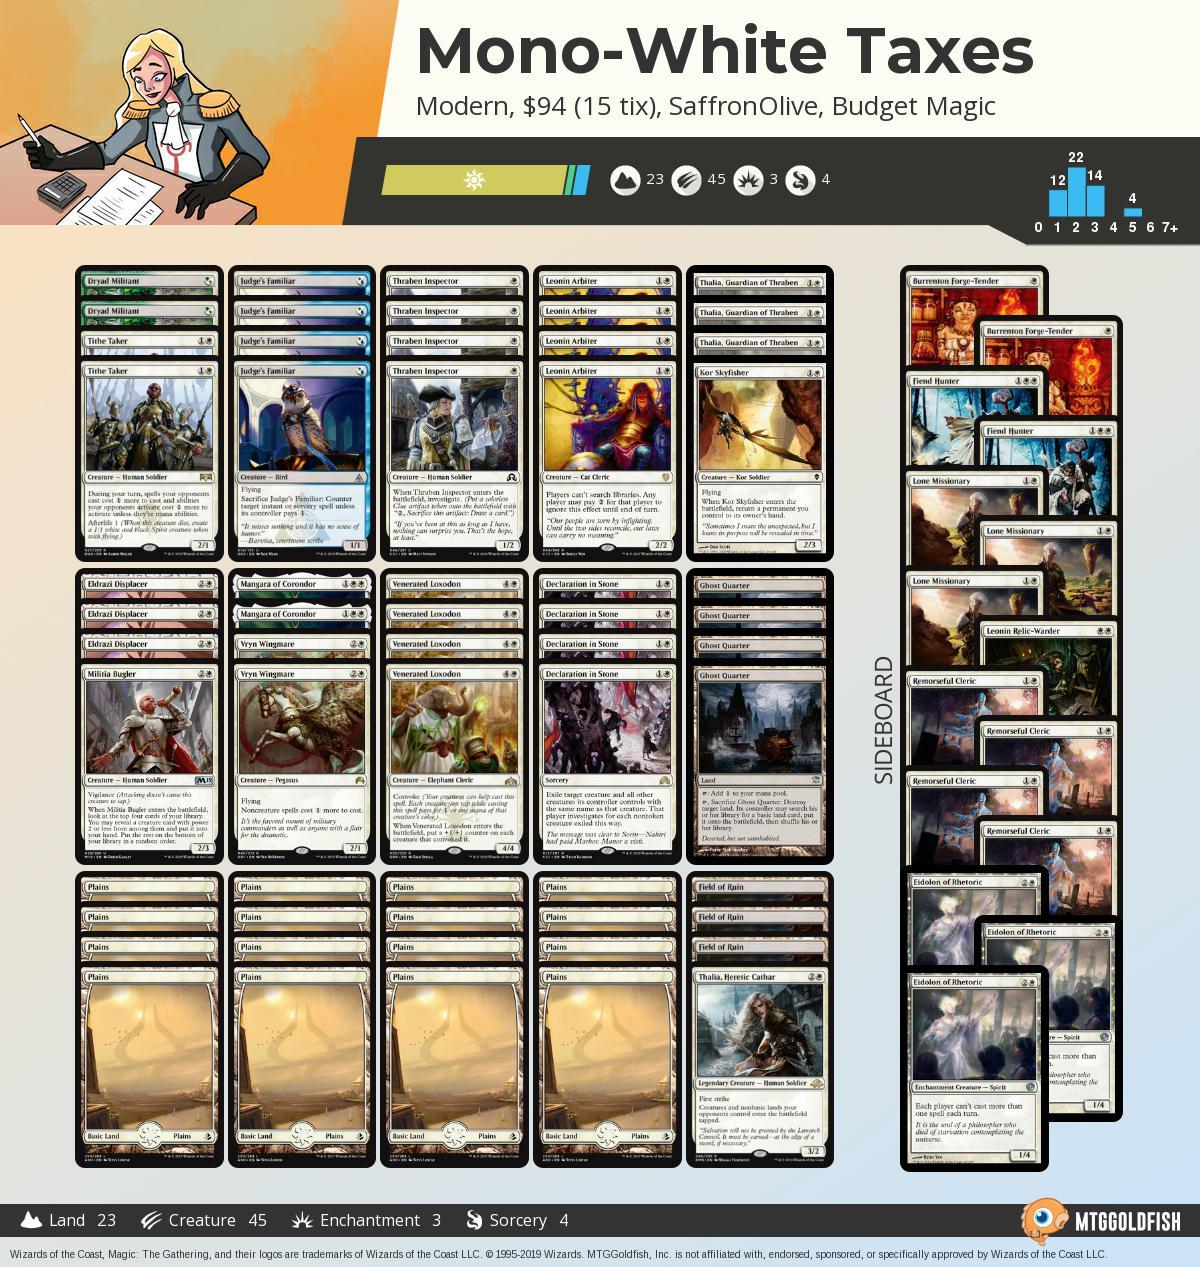 Mono white%2btaxes f45fcca2 f9e2 4794 9602 a1ae3495b210%2ejpg